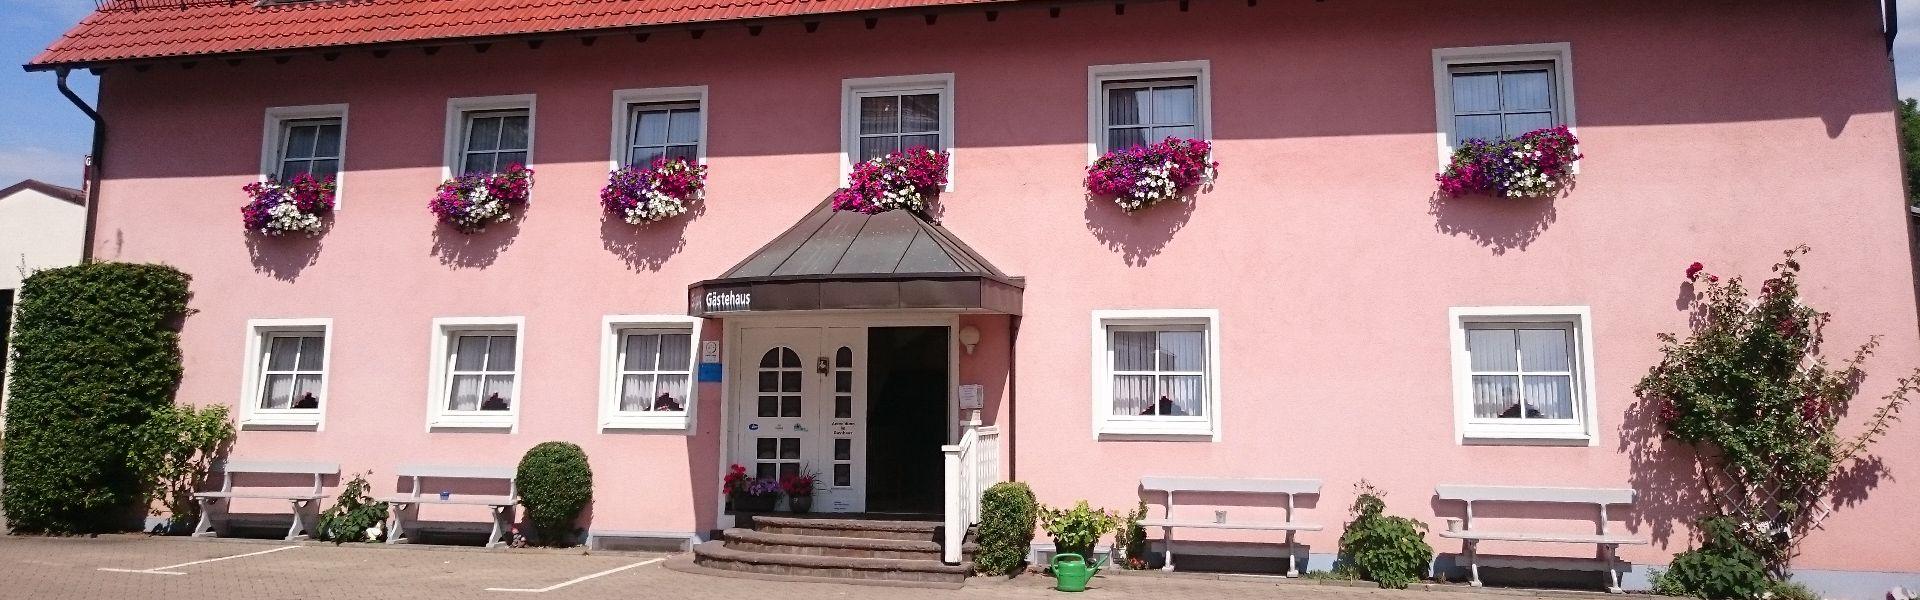 Gästehaus mit 1- bis 4-Bett-Zimmern und Ferienwohnungen